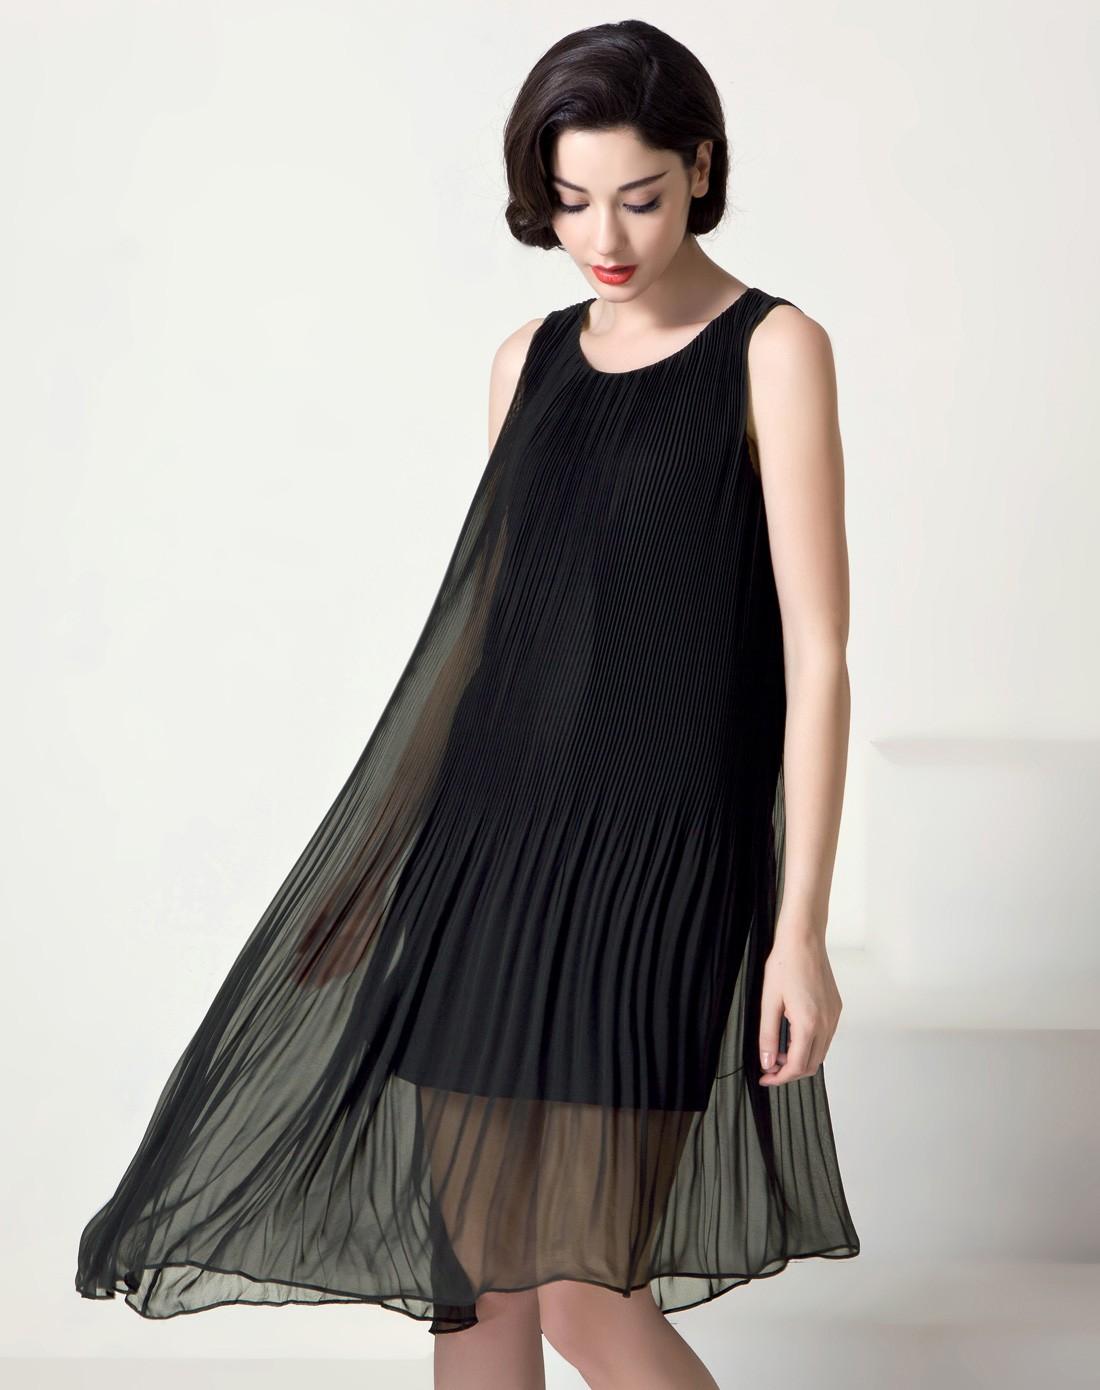 黑色雪纺 裙子-黑色雪纺